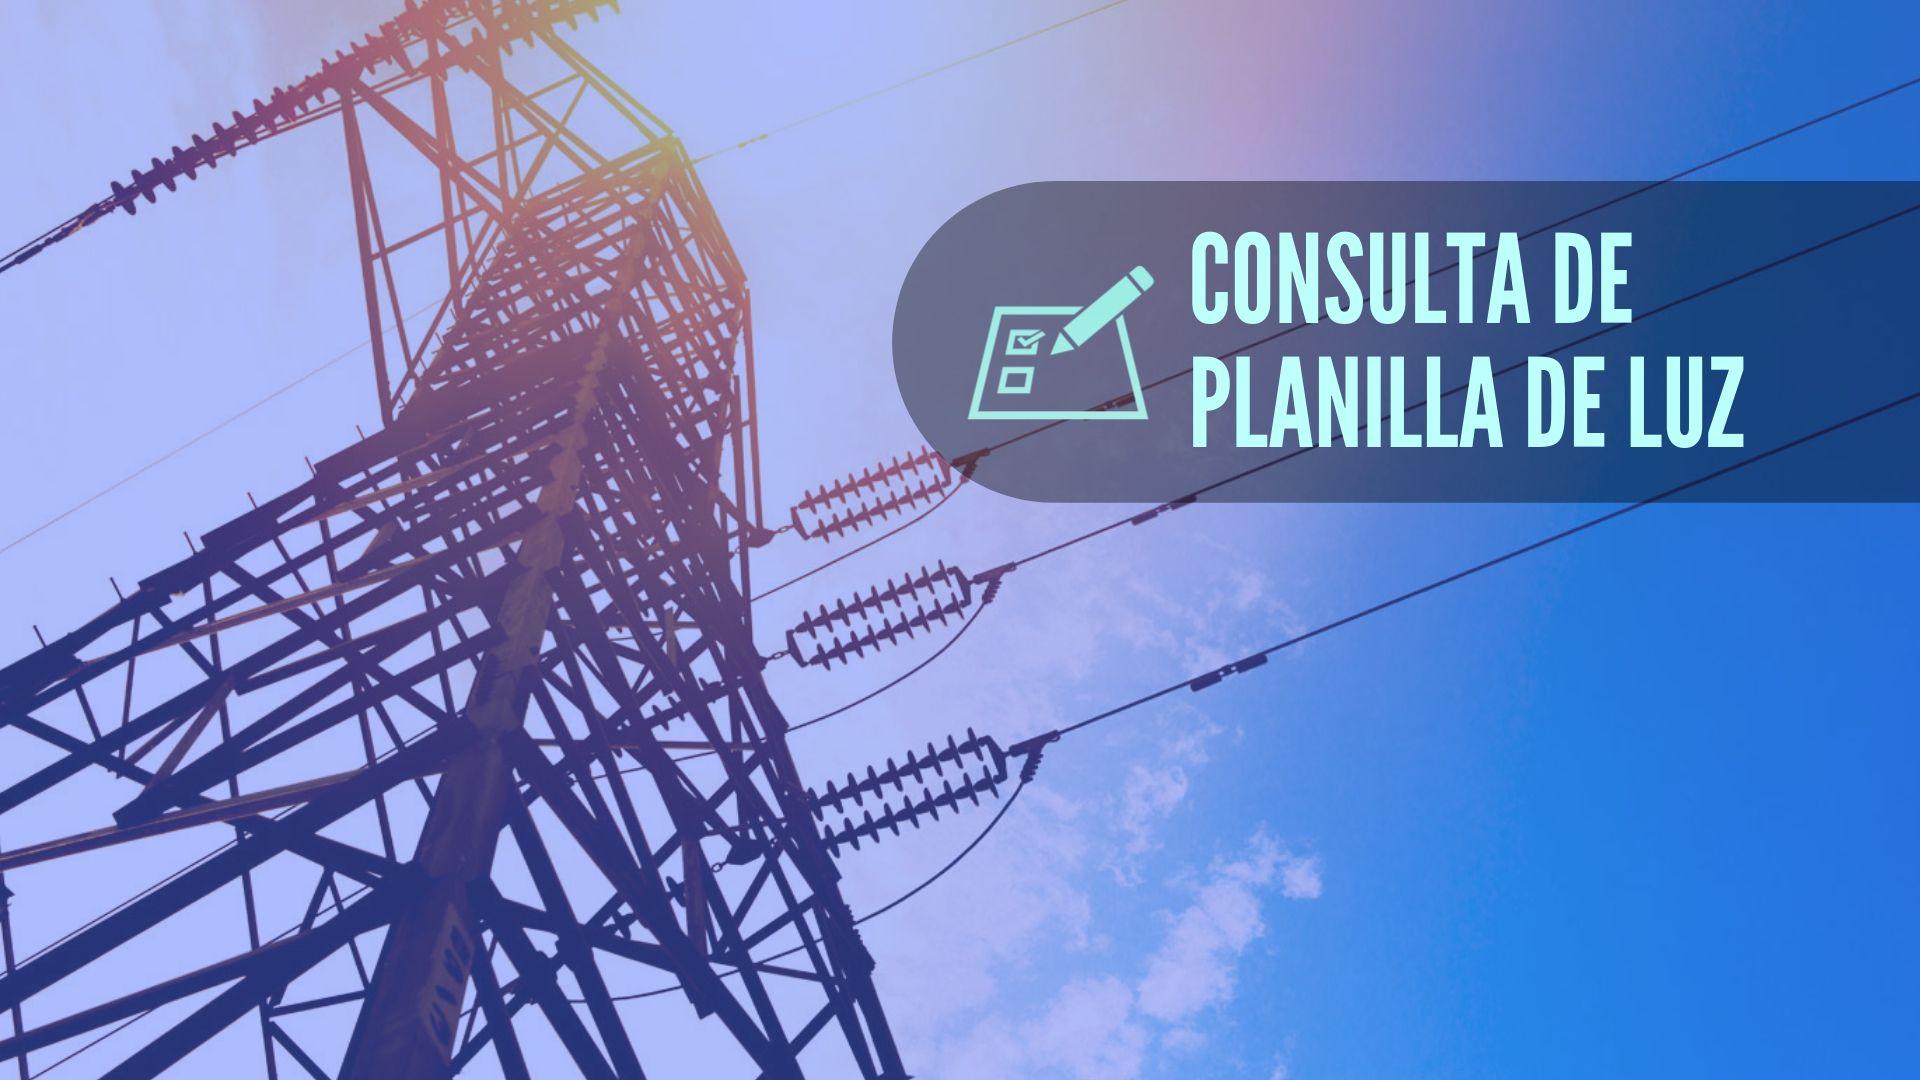 Empresa eléctrica consulta de planillas 1